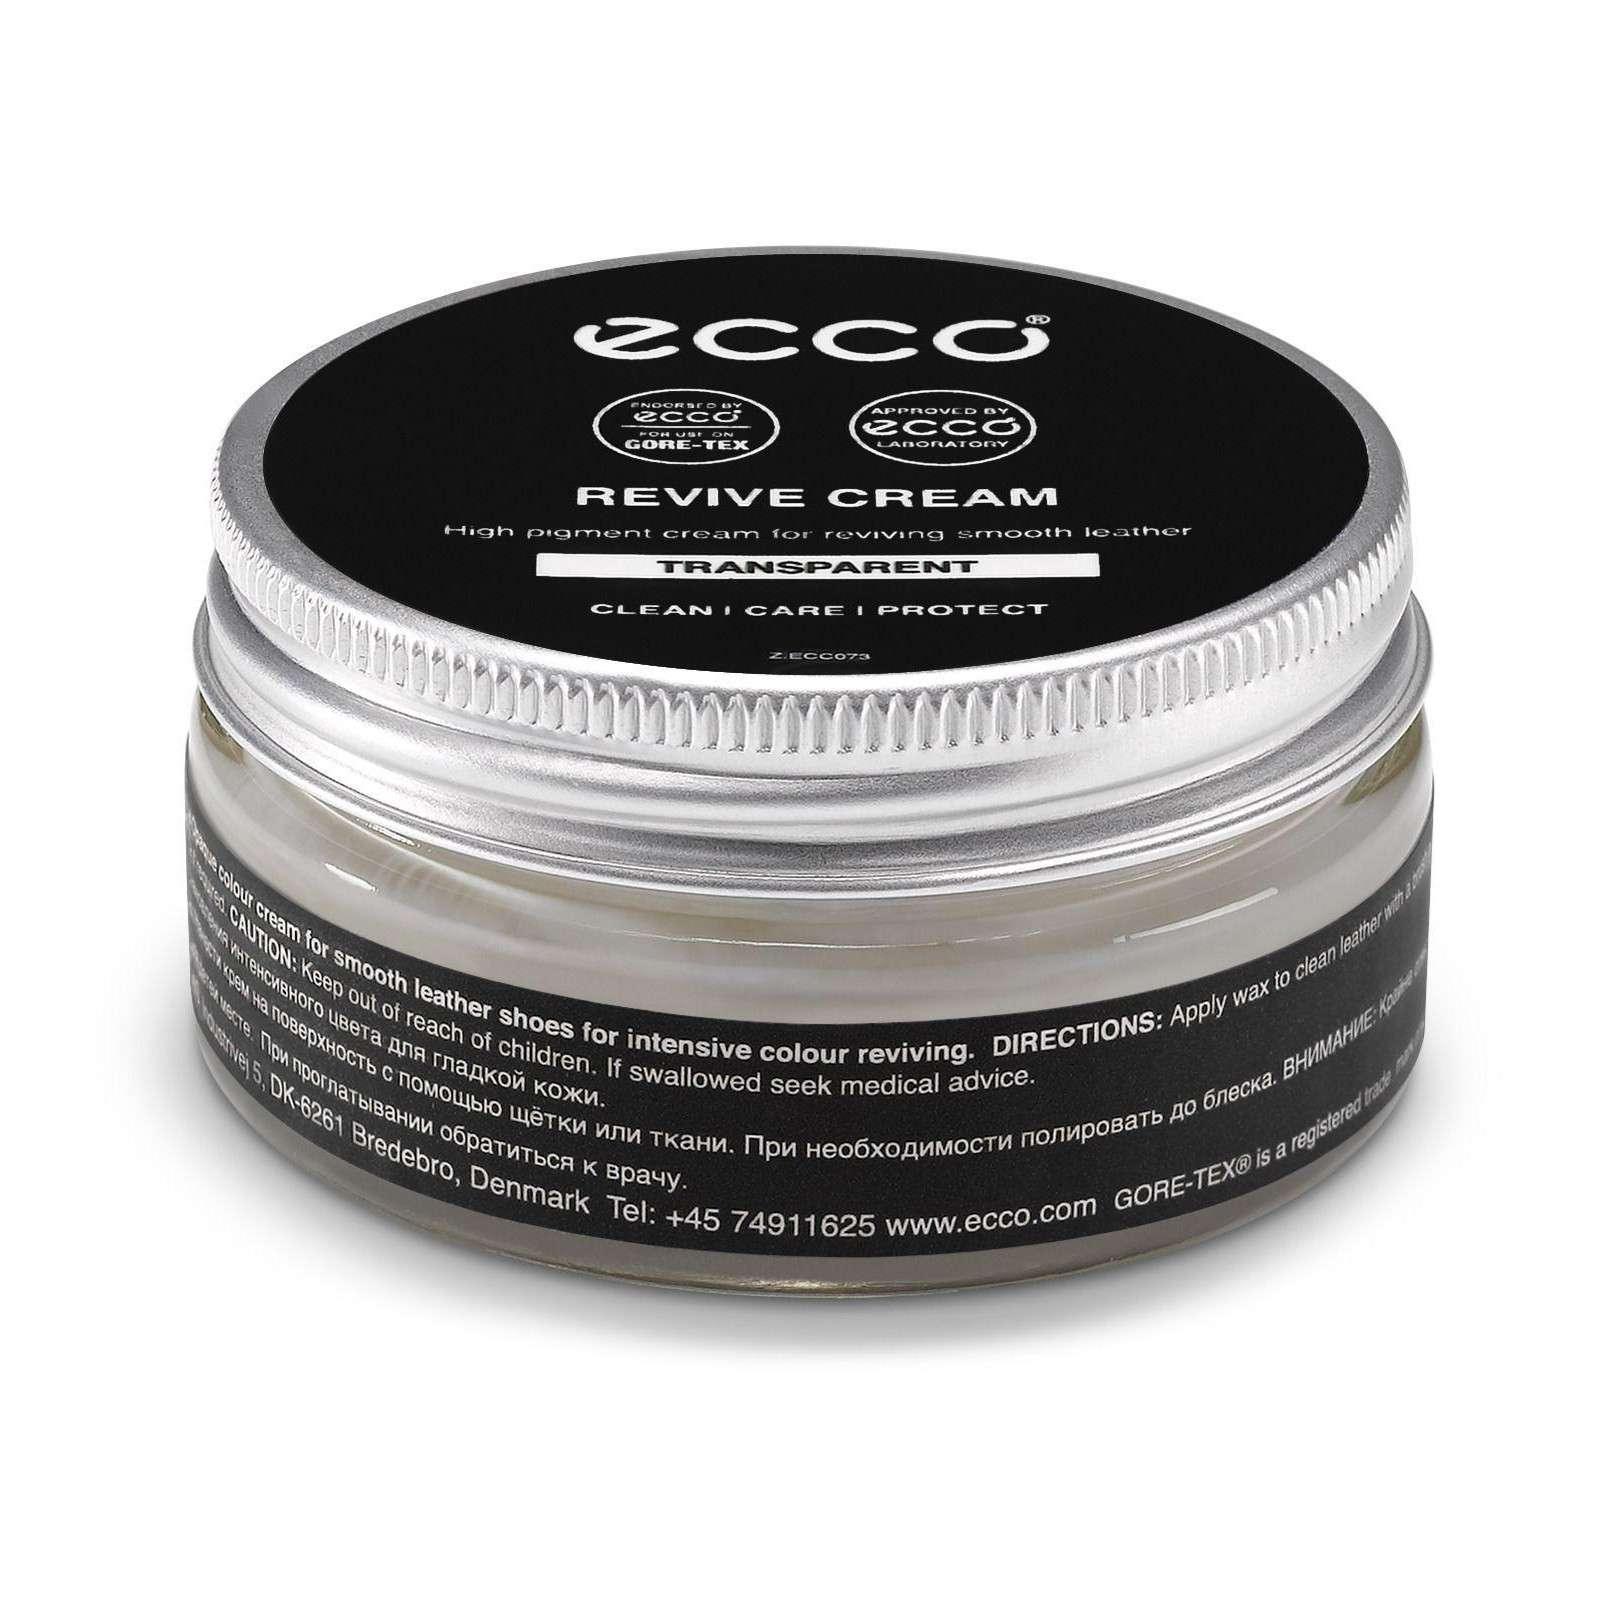 ECCO Revive Schuhcreme, 1 Dose á 50 ml (13,80 EUR100 ML)